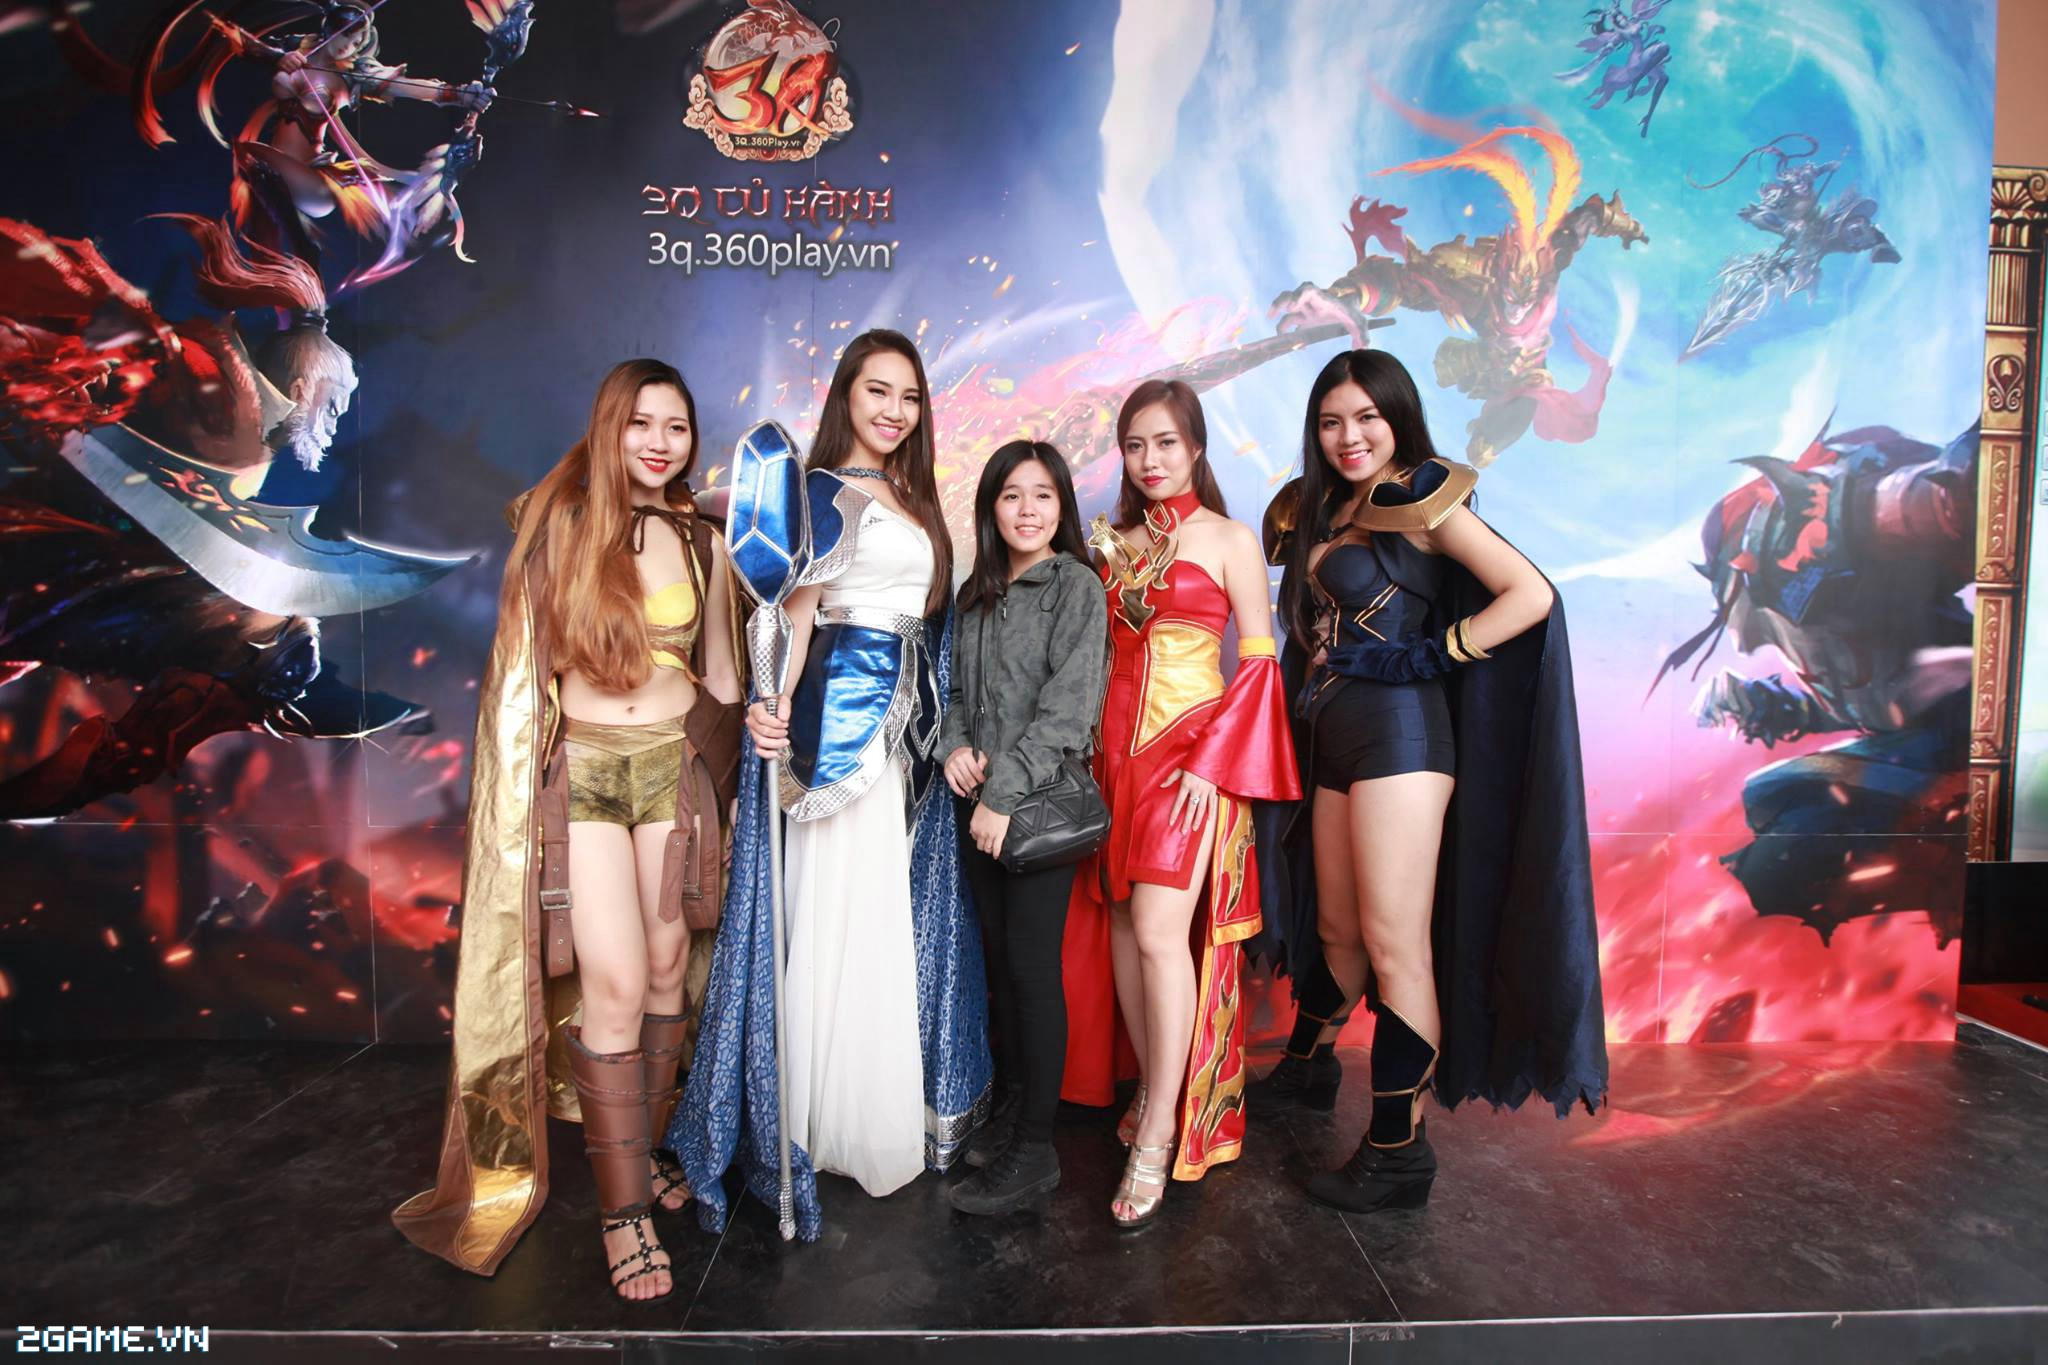 Điểm mặt các cosplay game xuất hiện tại Đại Hội 360mobi 2016 4